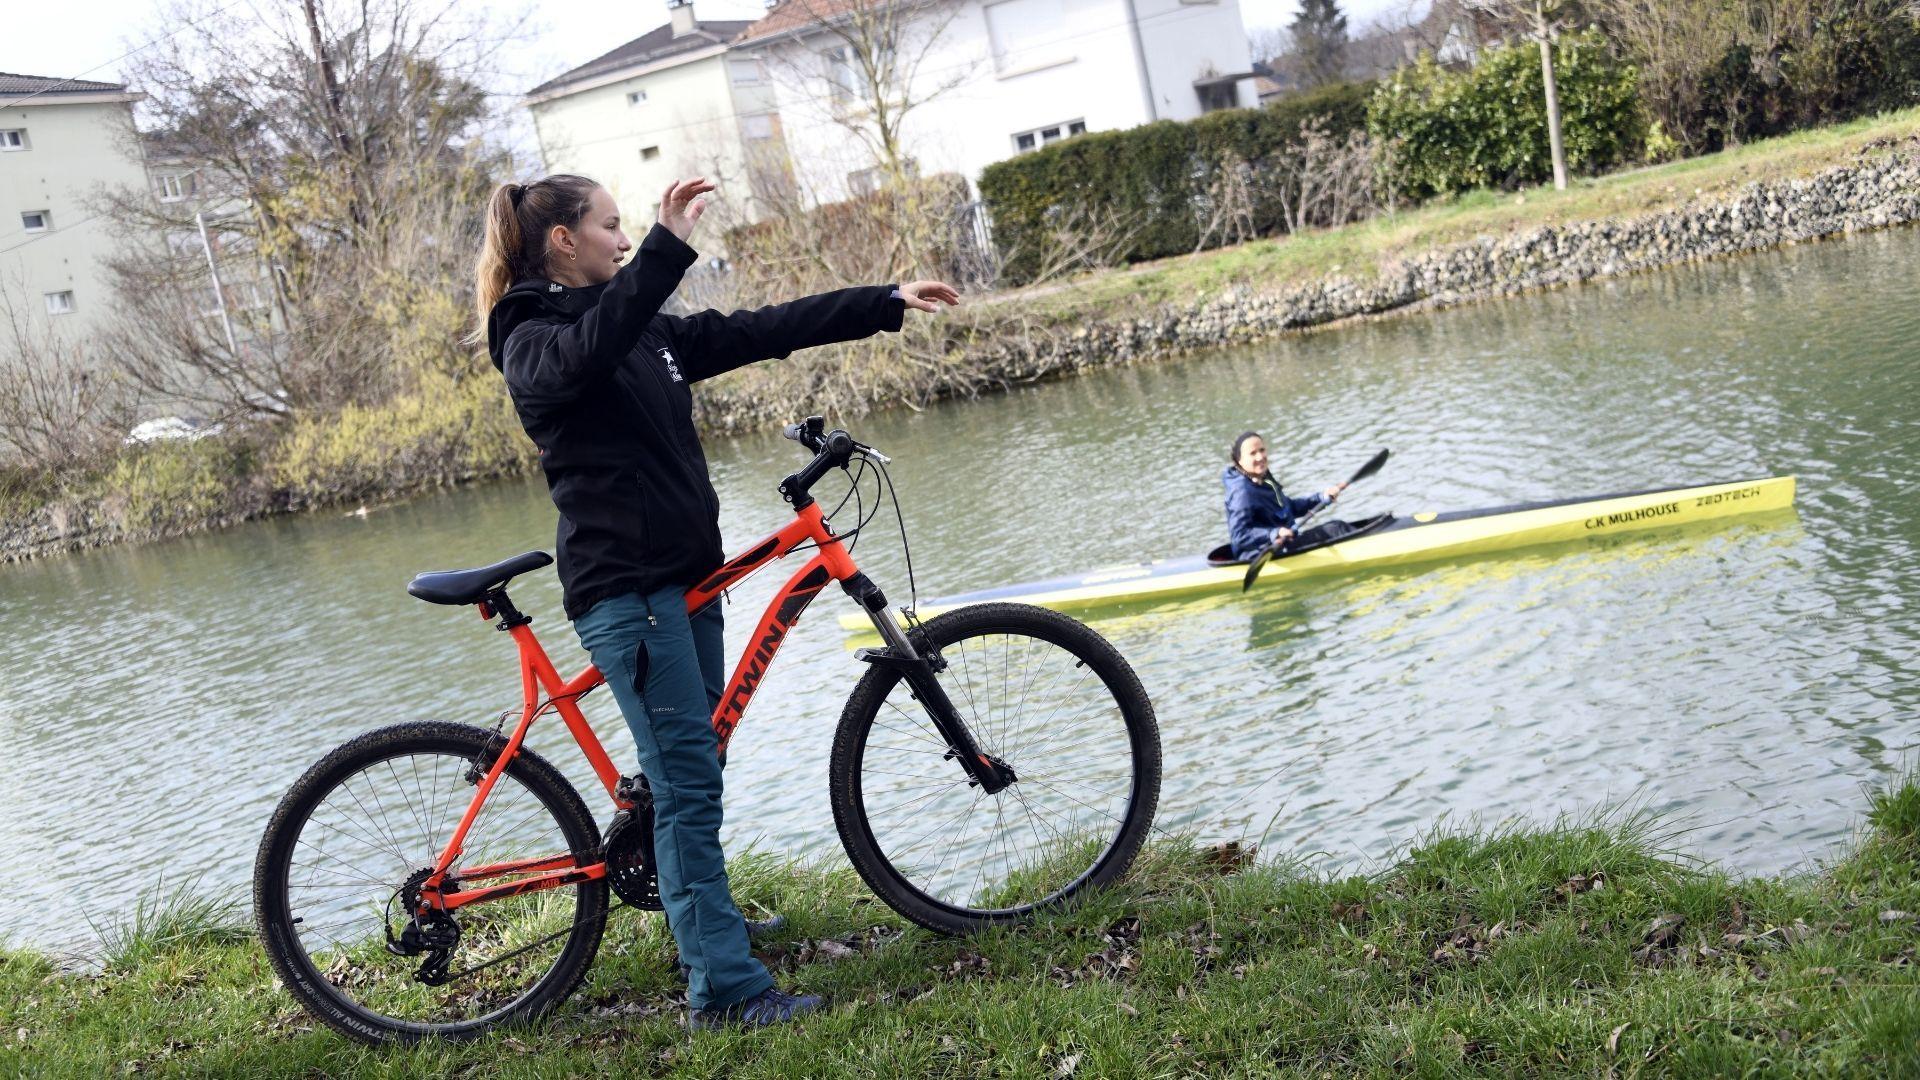 Riedisheim du handikayak au club de canoë kayak : plus d'autonomie sur l'eau et dans la vie